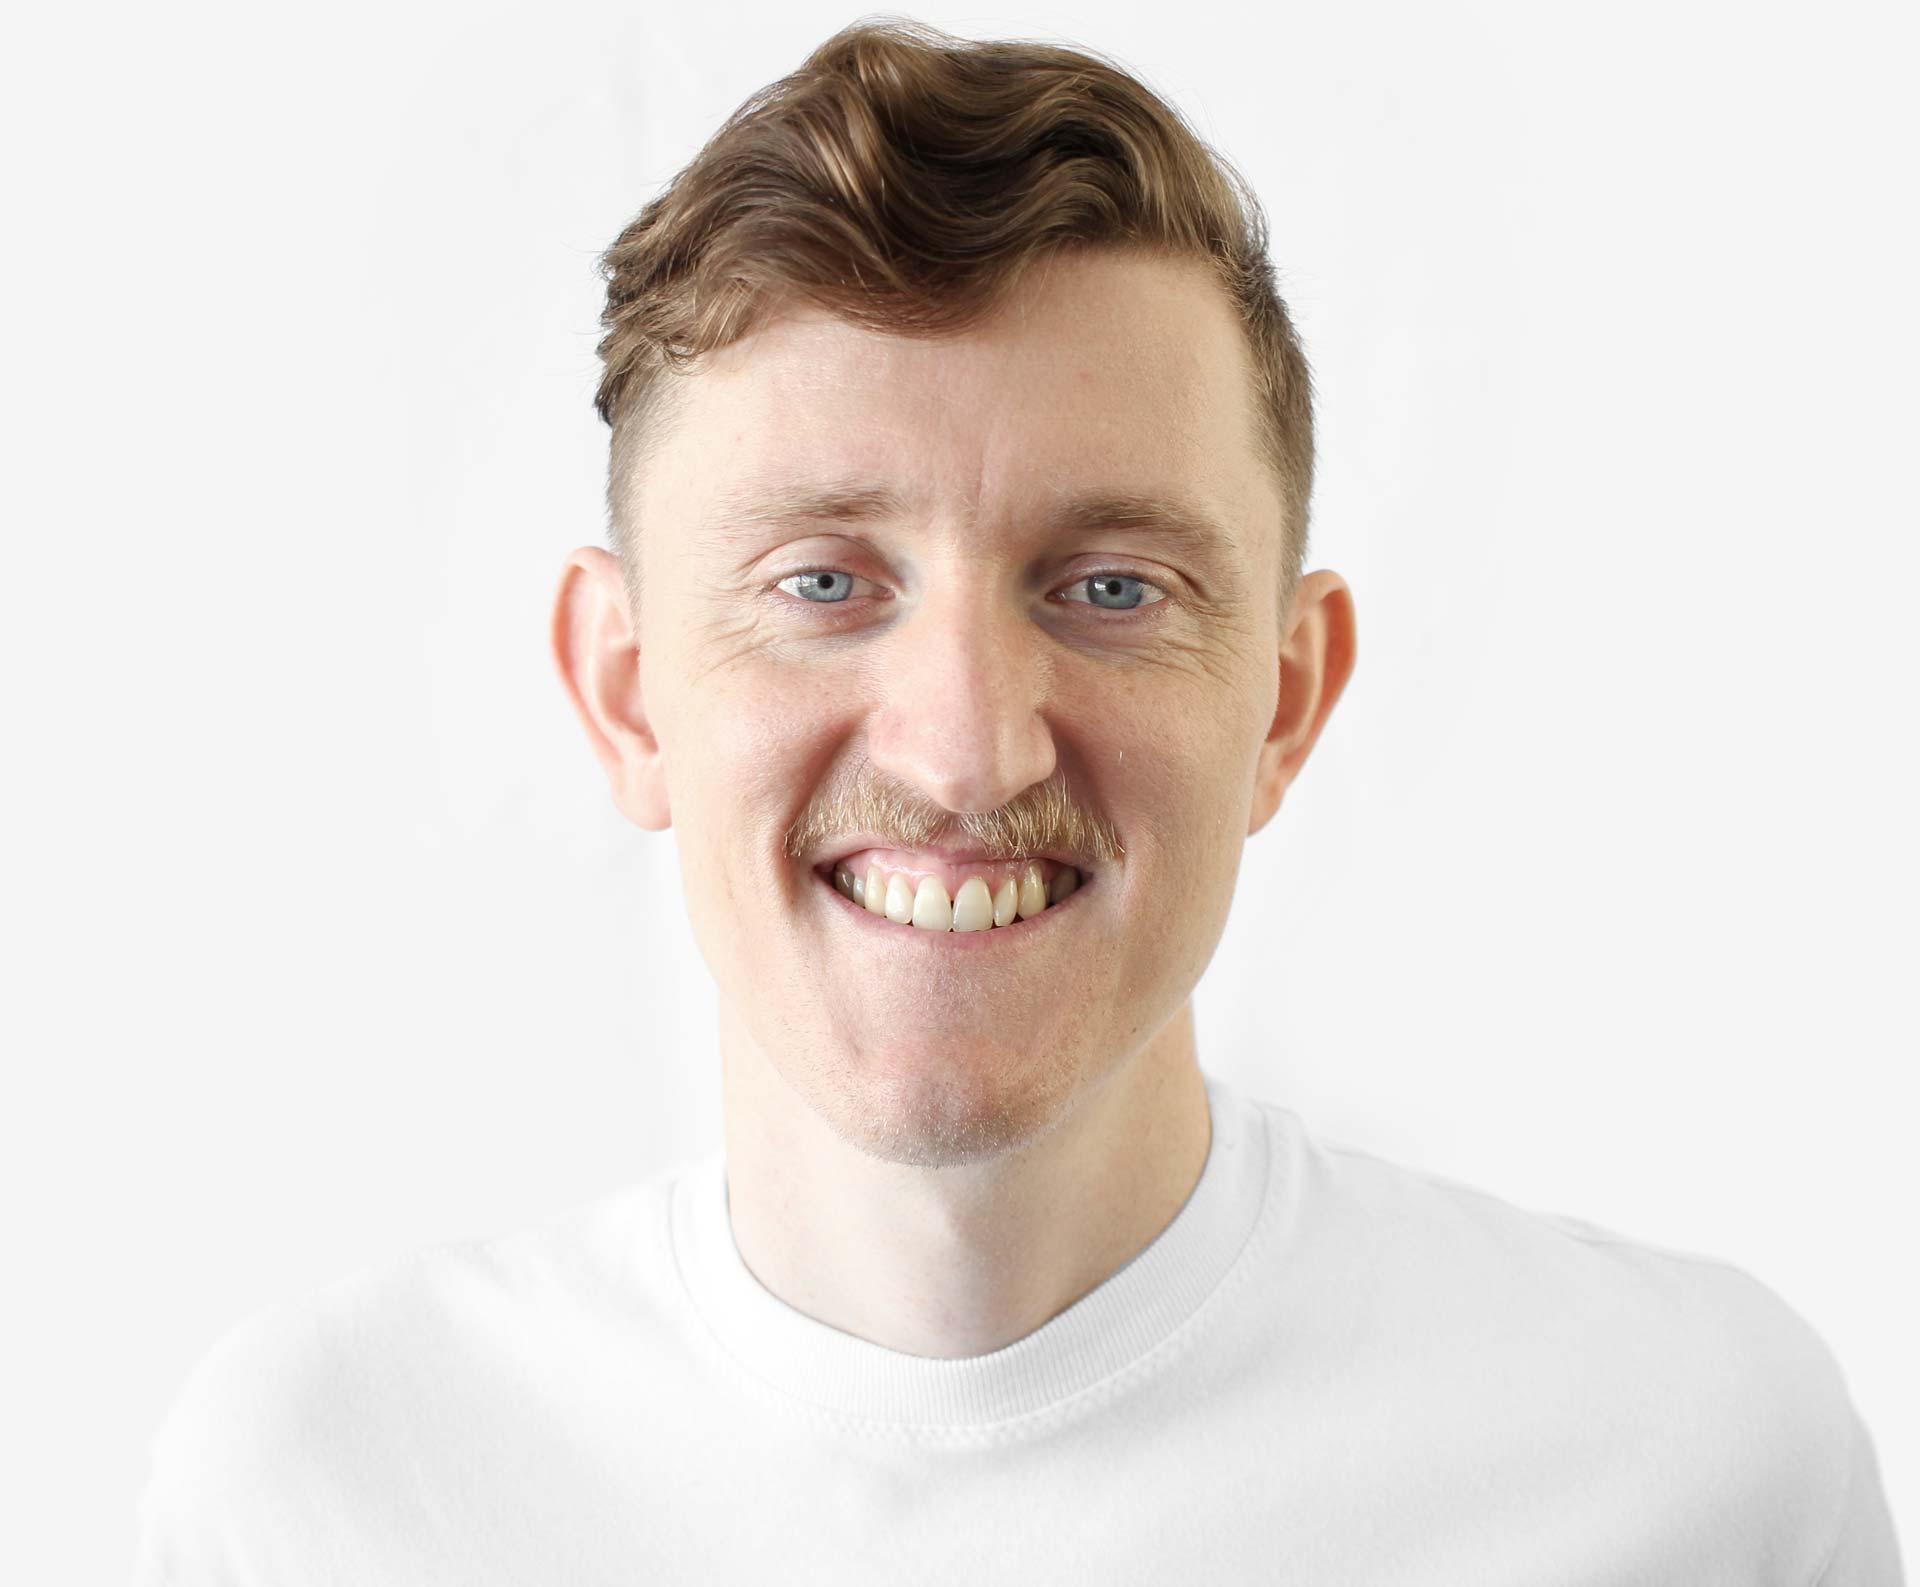 Cornelius Quiring Profile Photo – March 2021